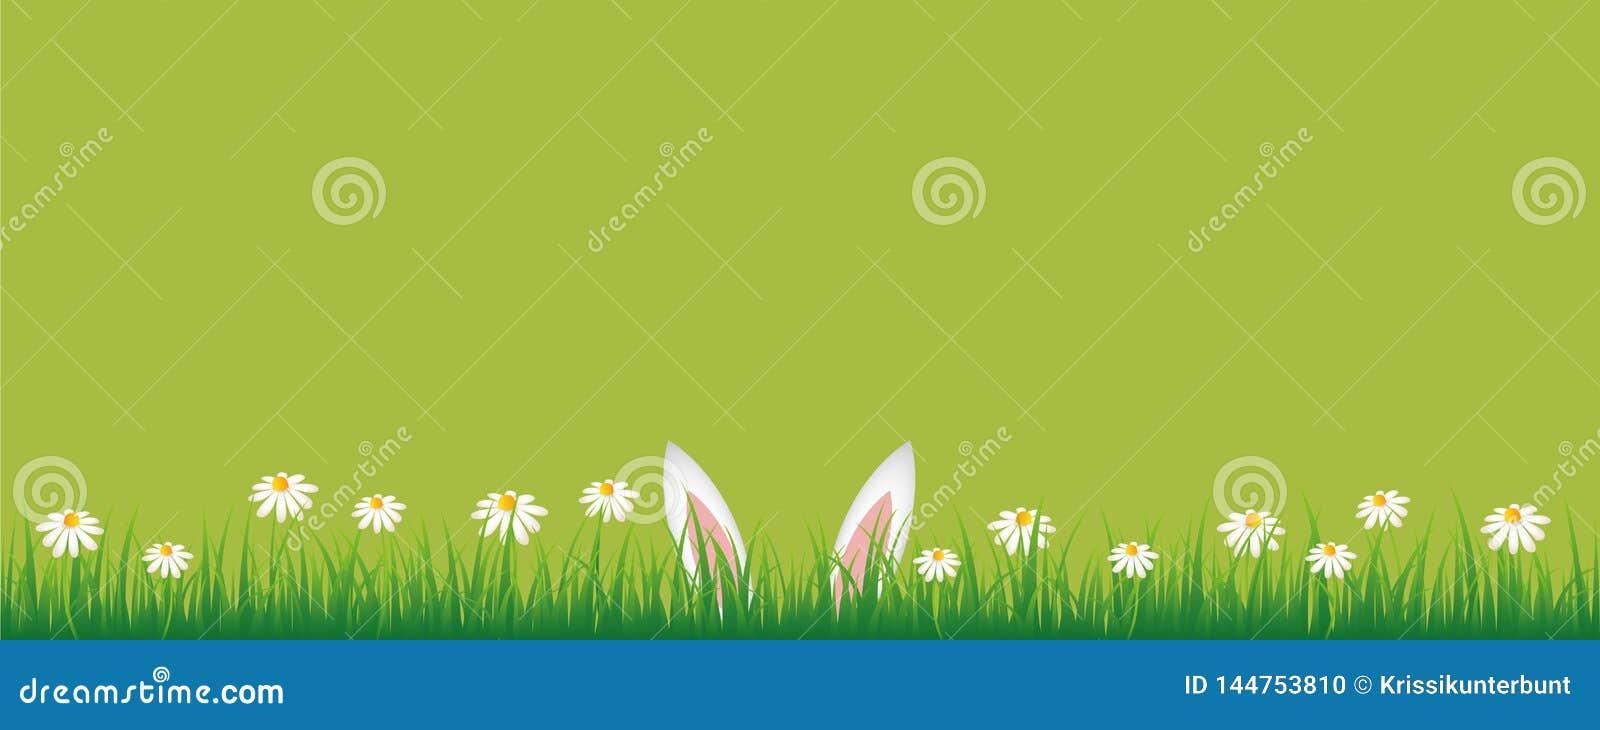 Уши зайчика в зеленом луге со знаменем цветков белой маргаритки зелен